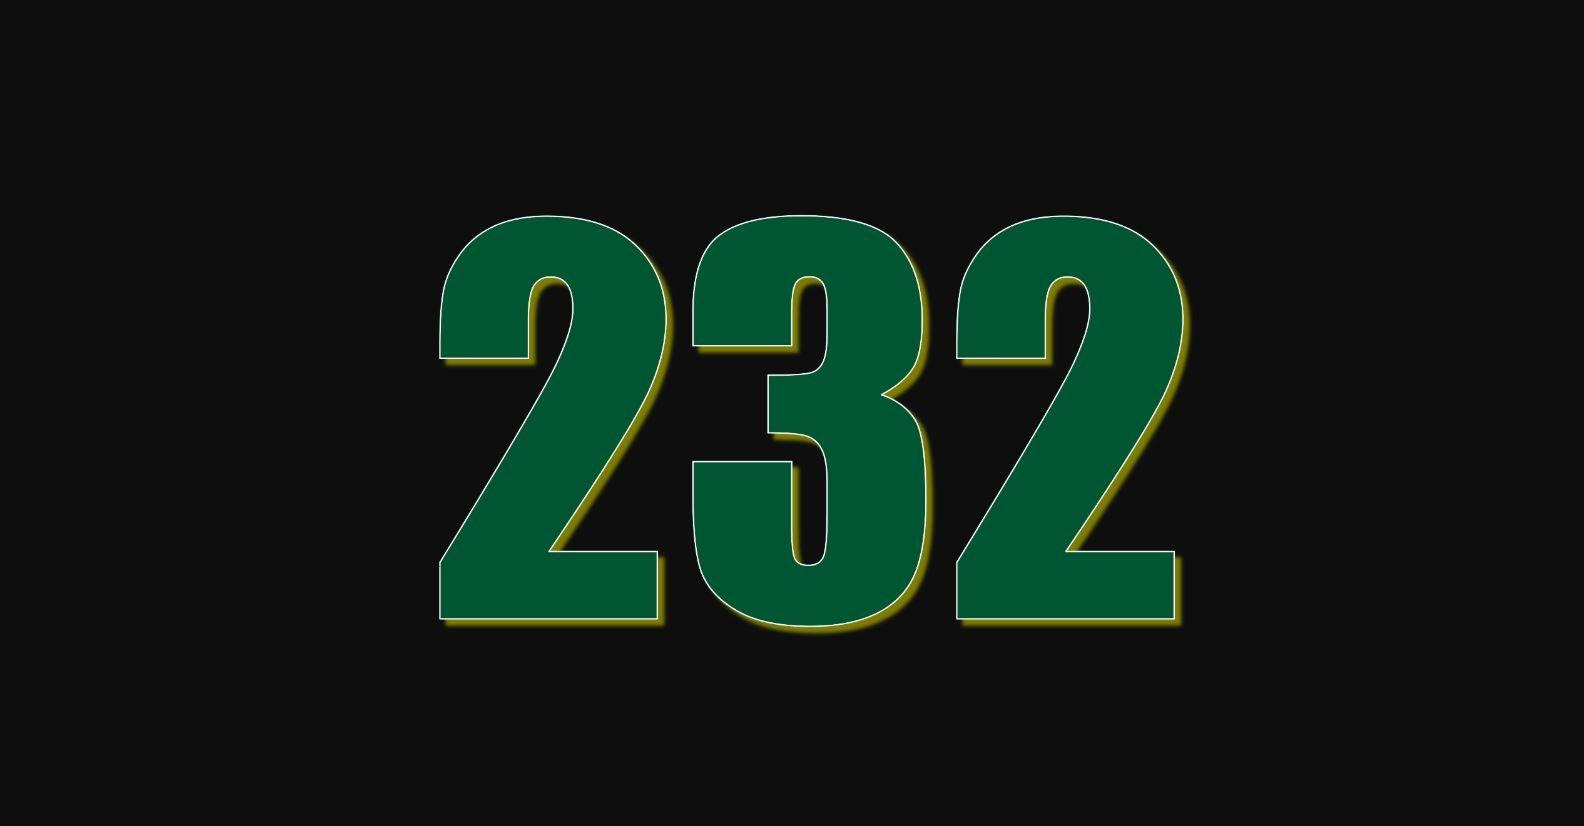 Die Bedeutung der Zahl 232